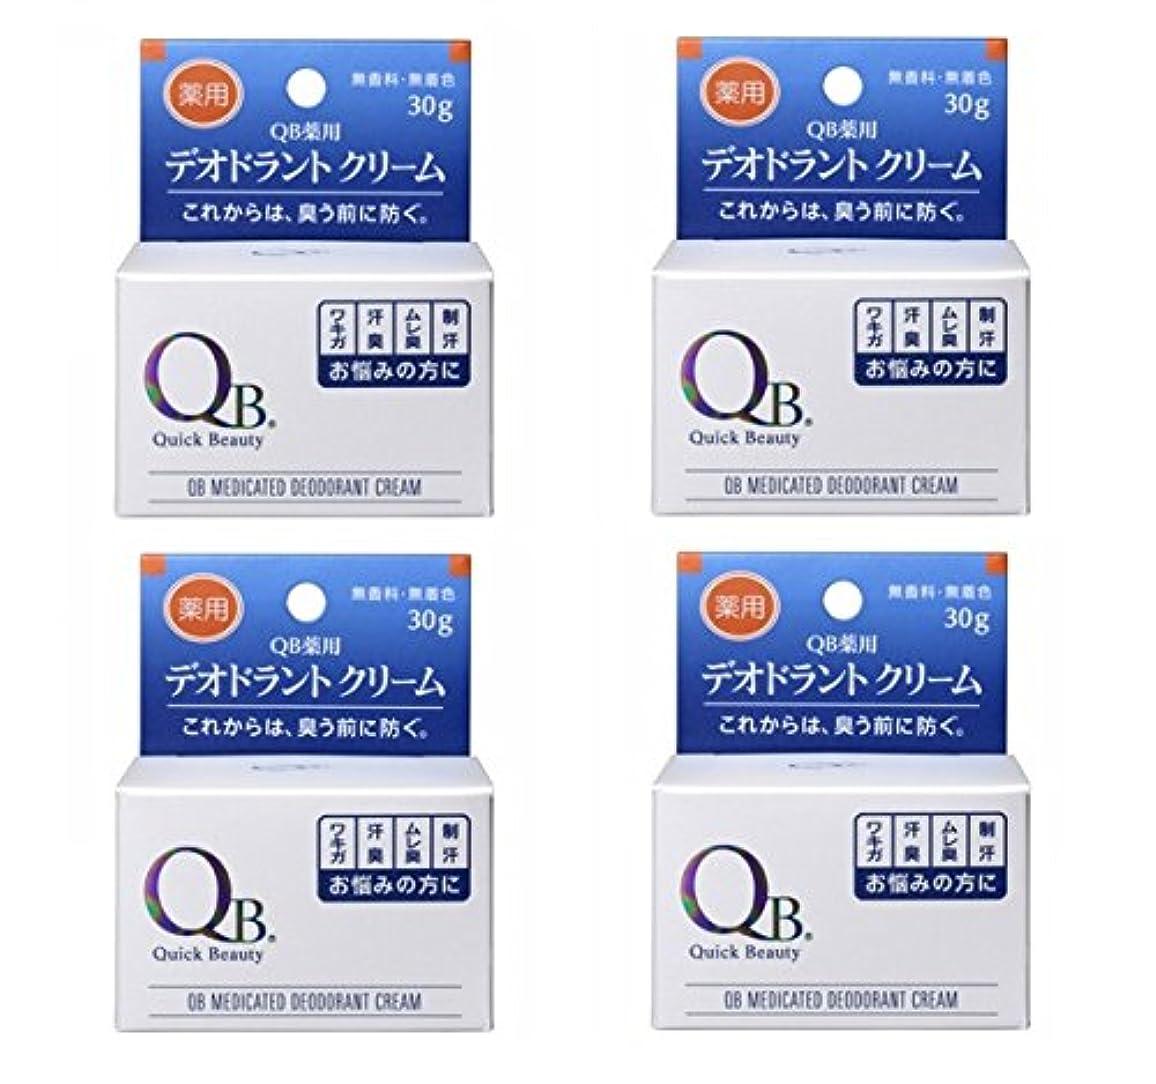 指令サポート人工【×4個】 QB 薬用デオドラントクリーム 30g 【国内正規品】